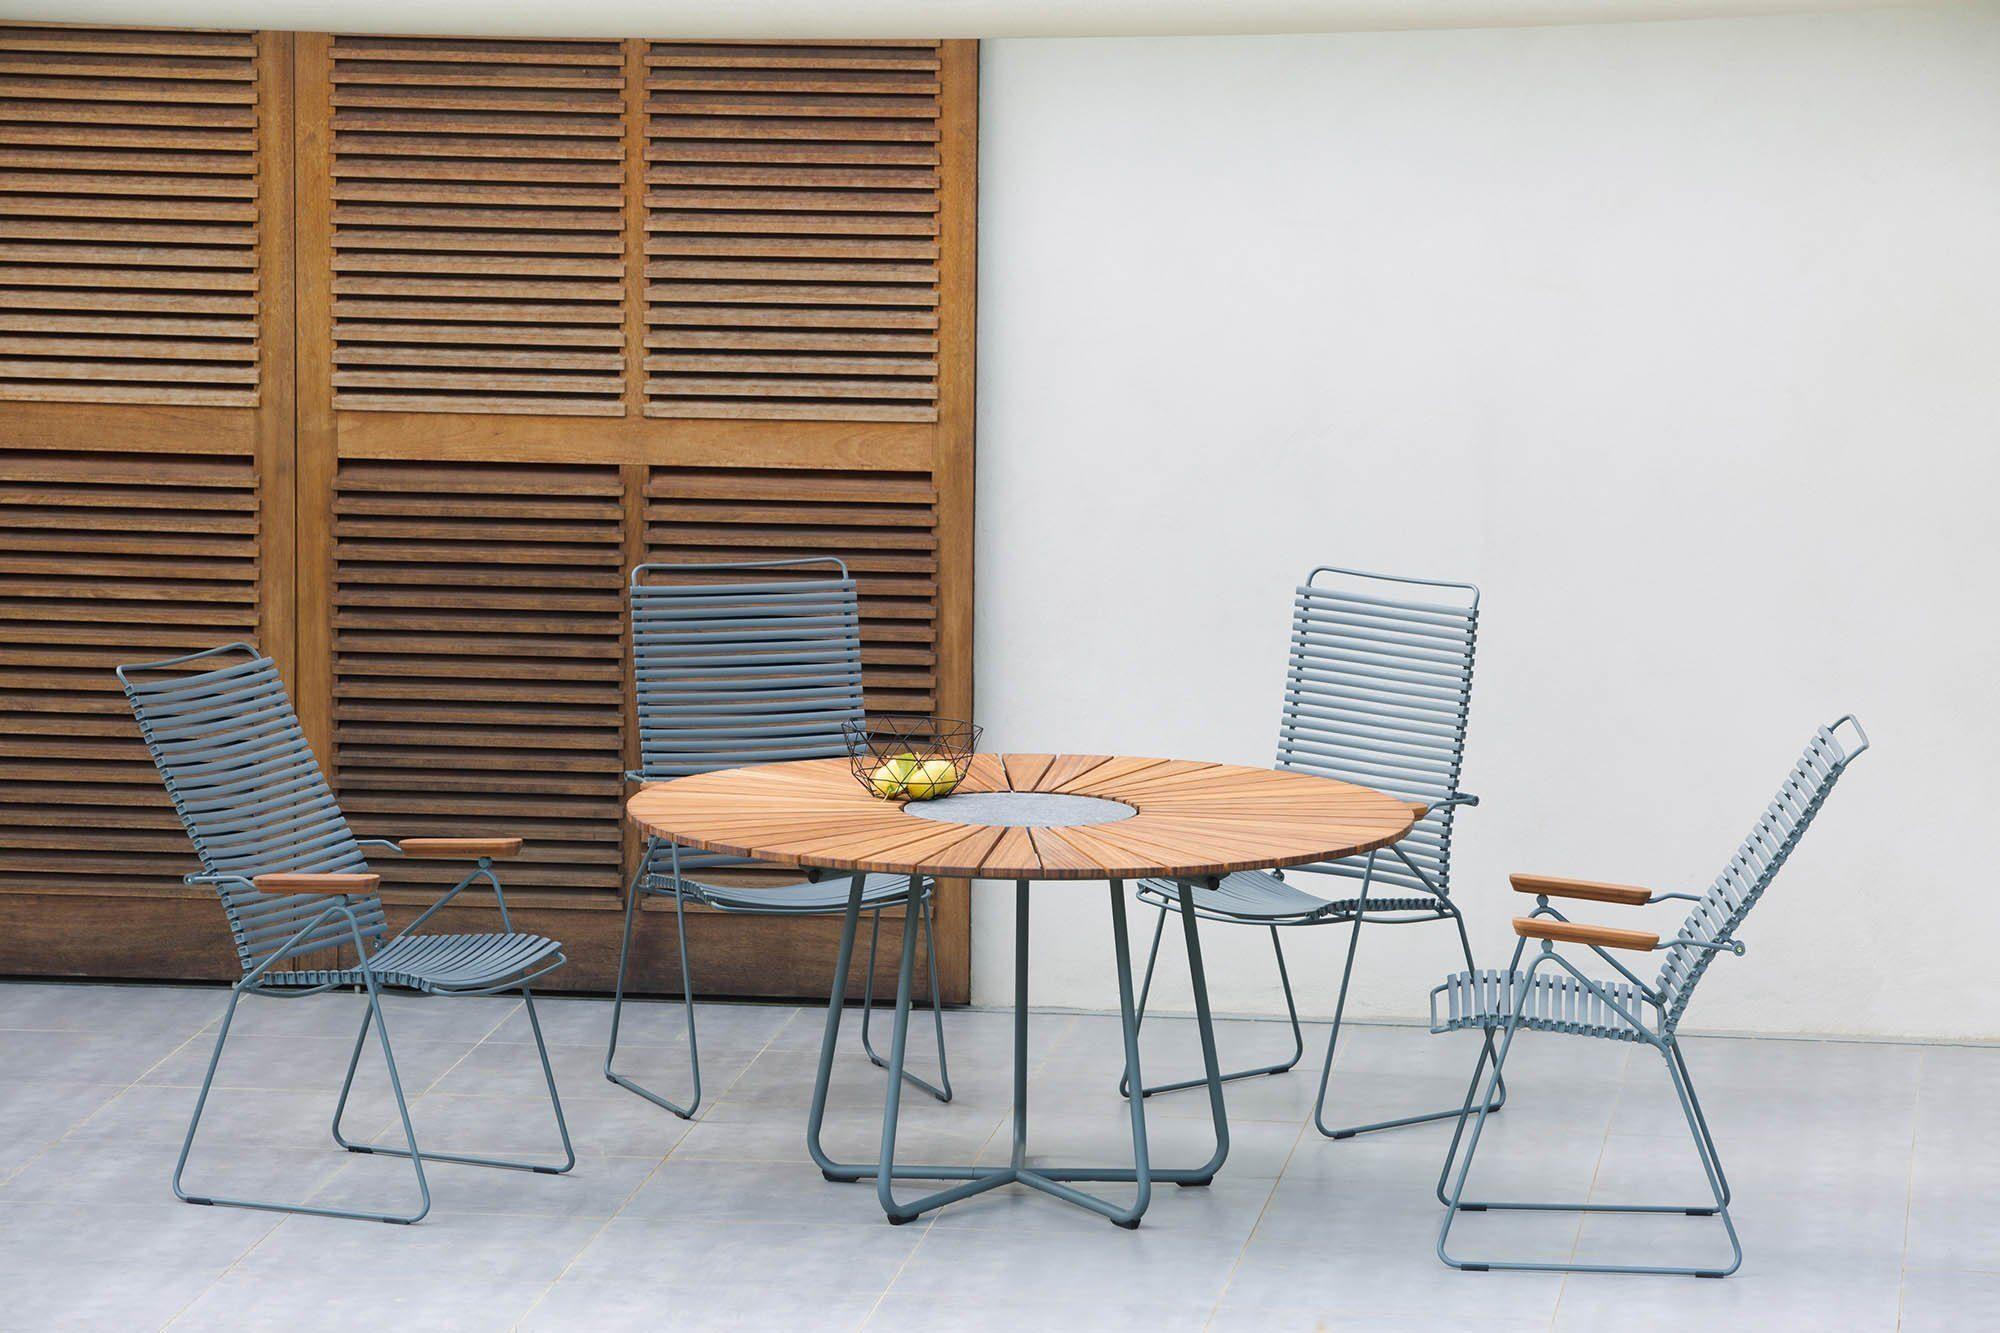 Circle bord med Click positionsstol från Houe.